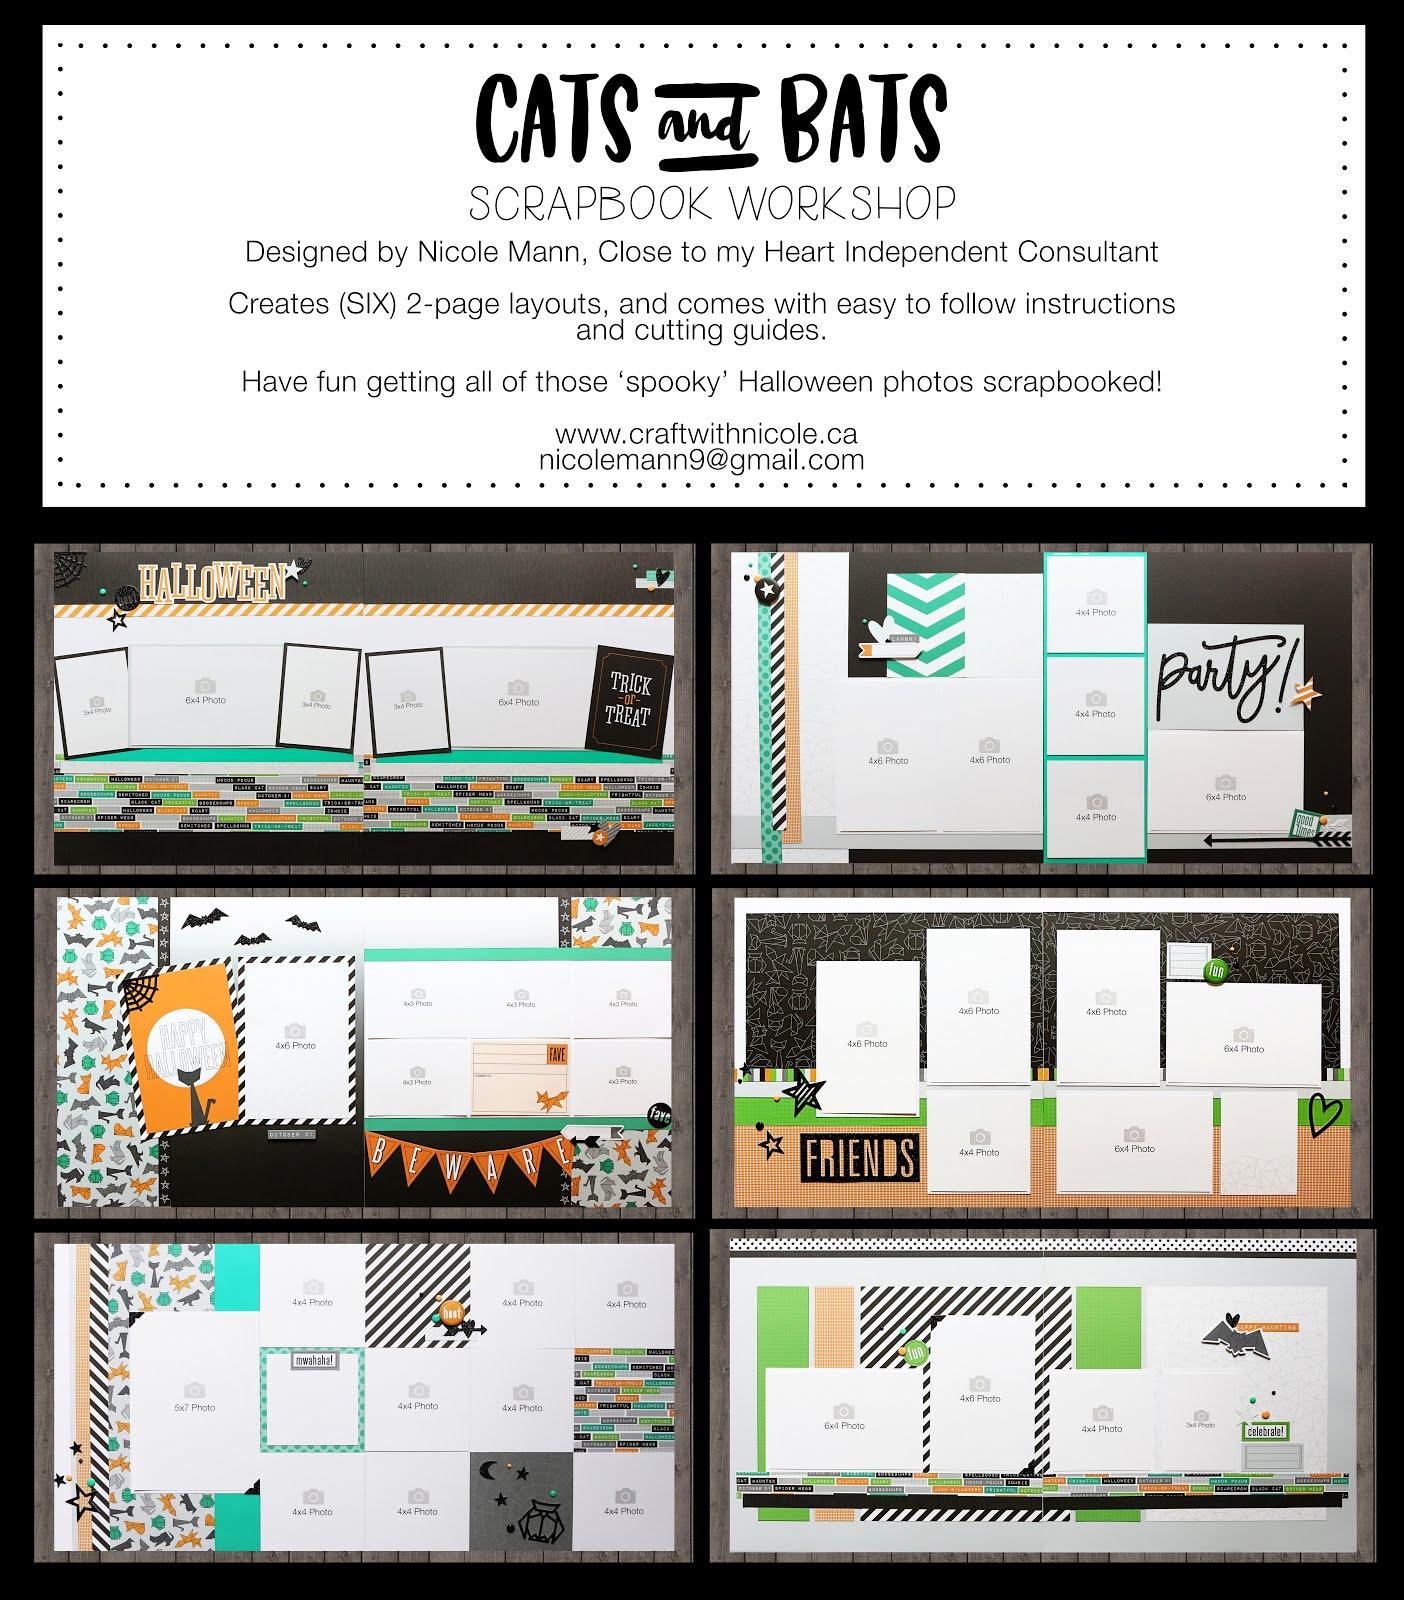 CATS & BATS Scrapbook Workshop